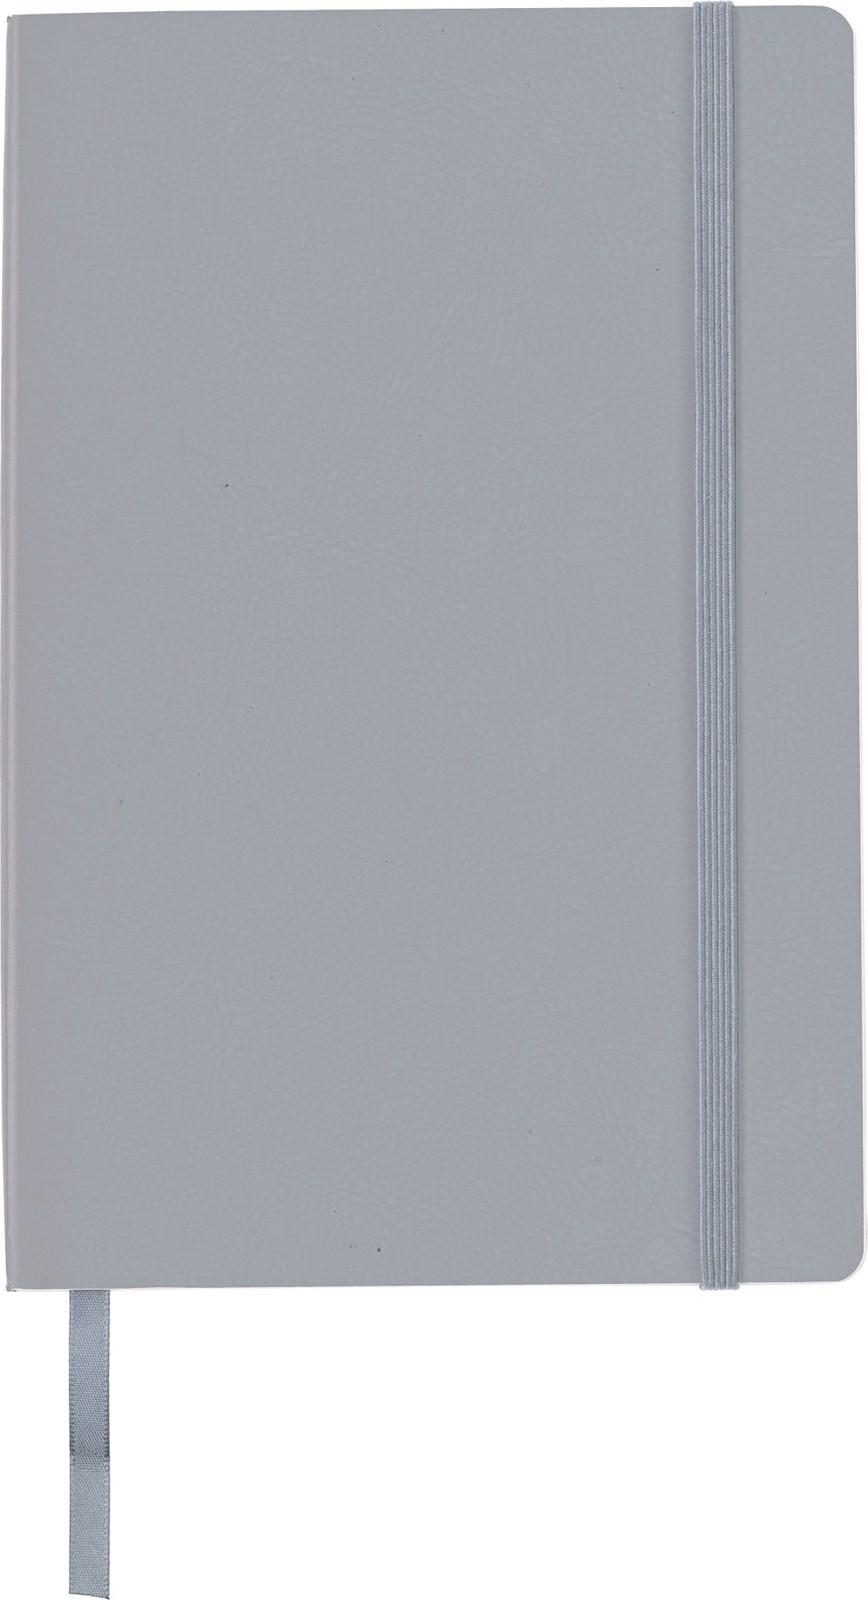 PU notebook - Grey